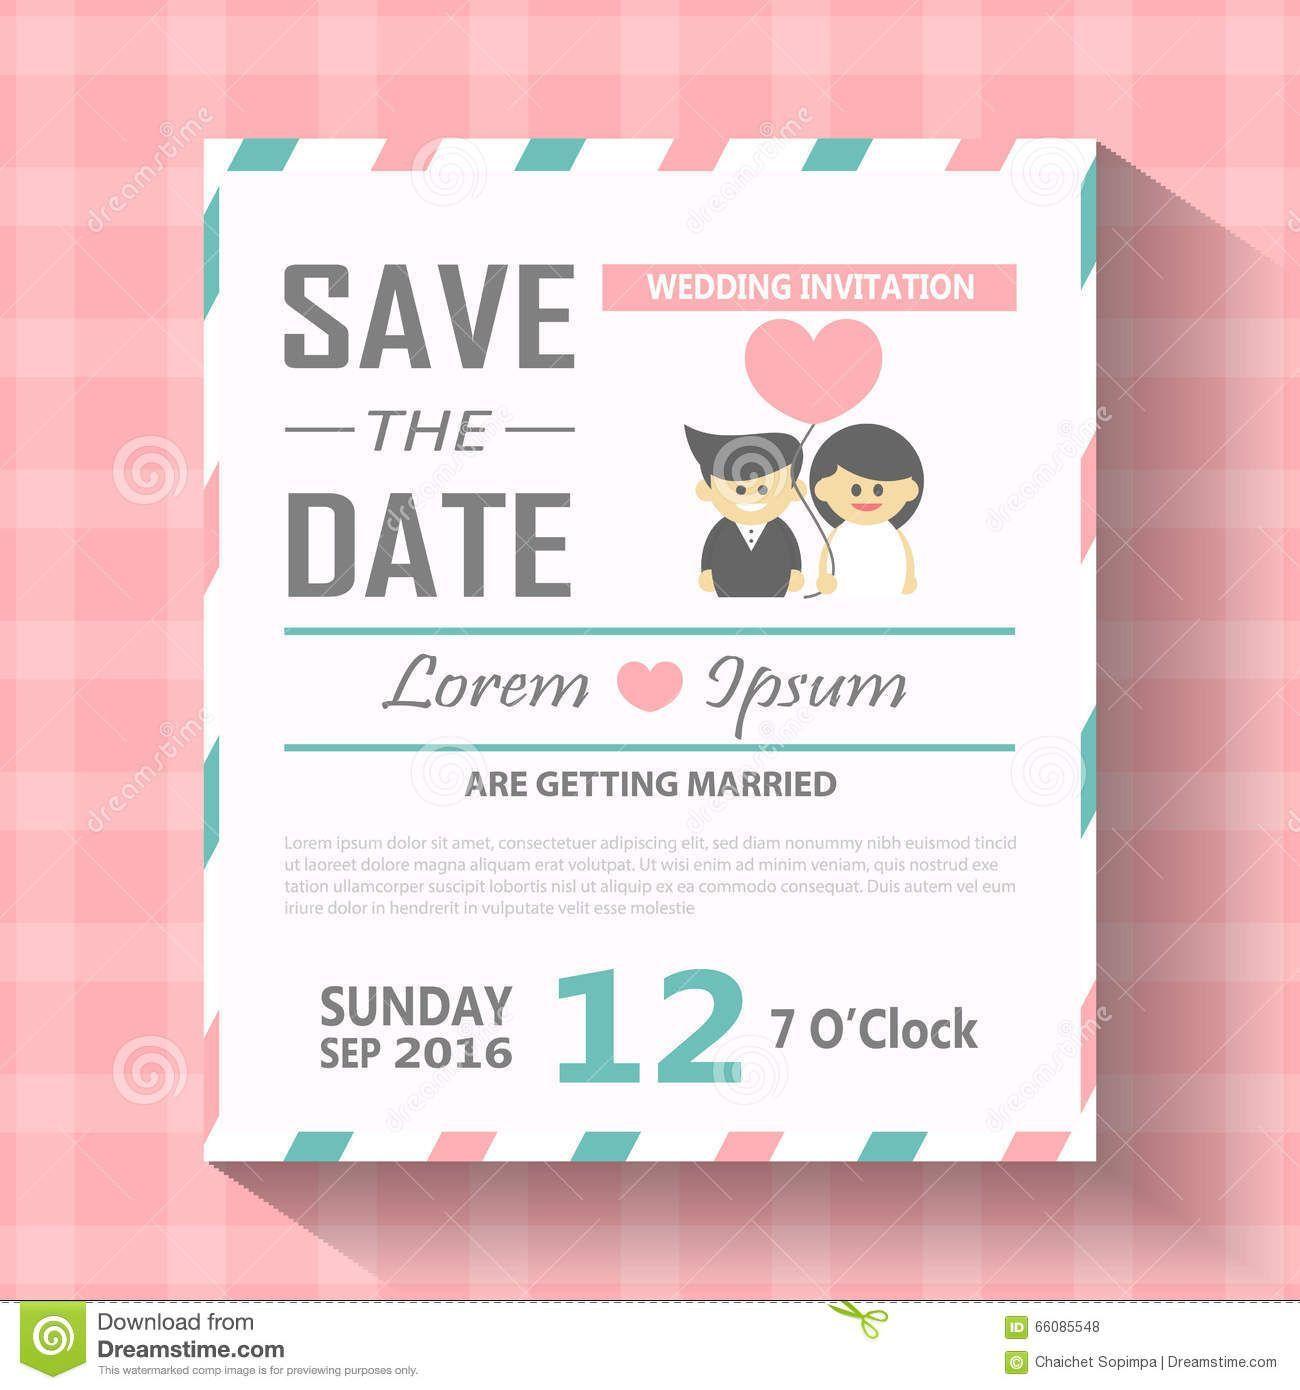 Wedding Invitation Editable Template Wedding invitation